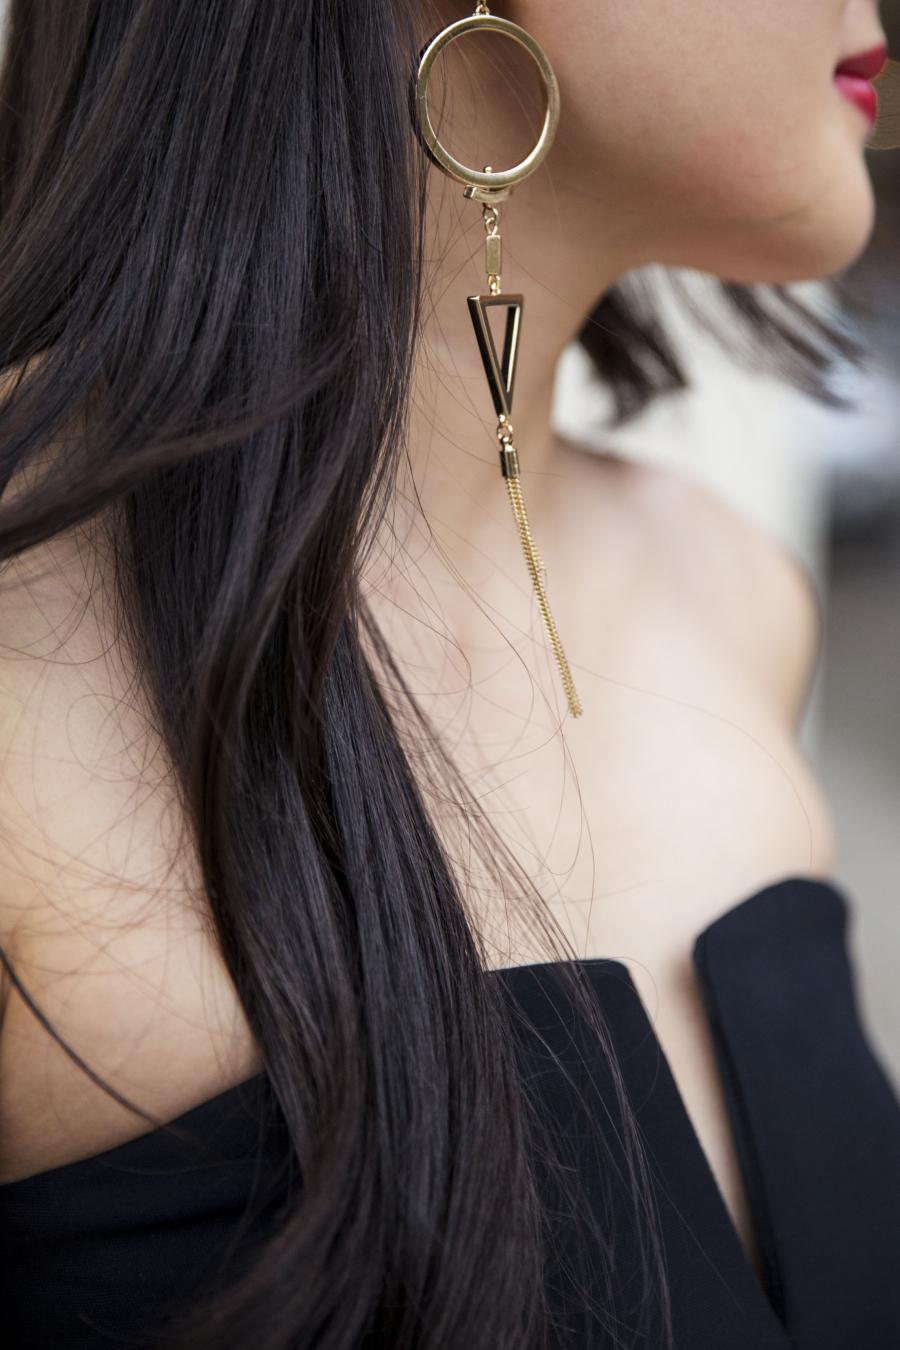 Geometric Earrings - 7 Fashionable Earrings You Never Knew You Needed // NotJessFashion.com